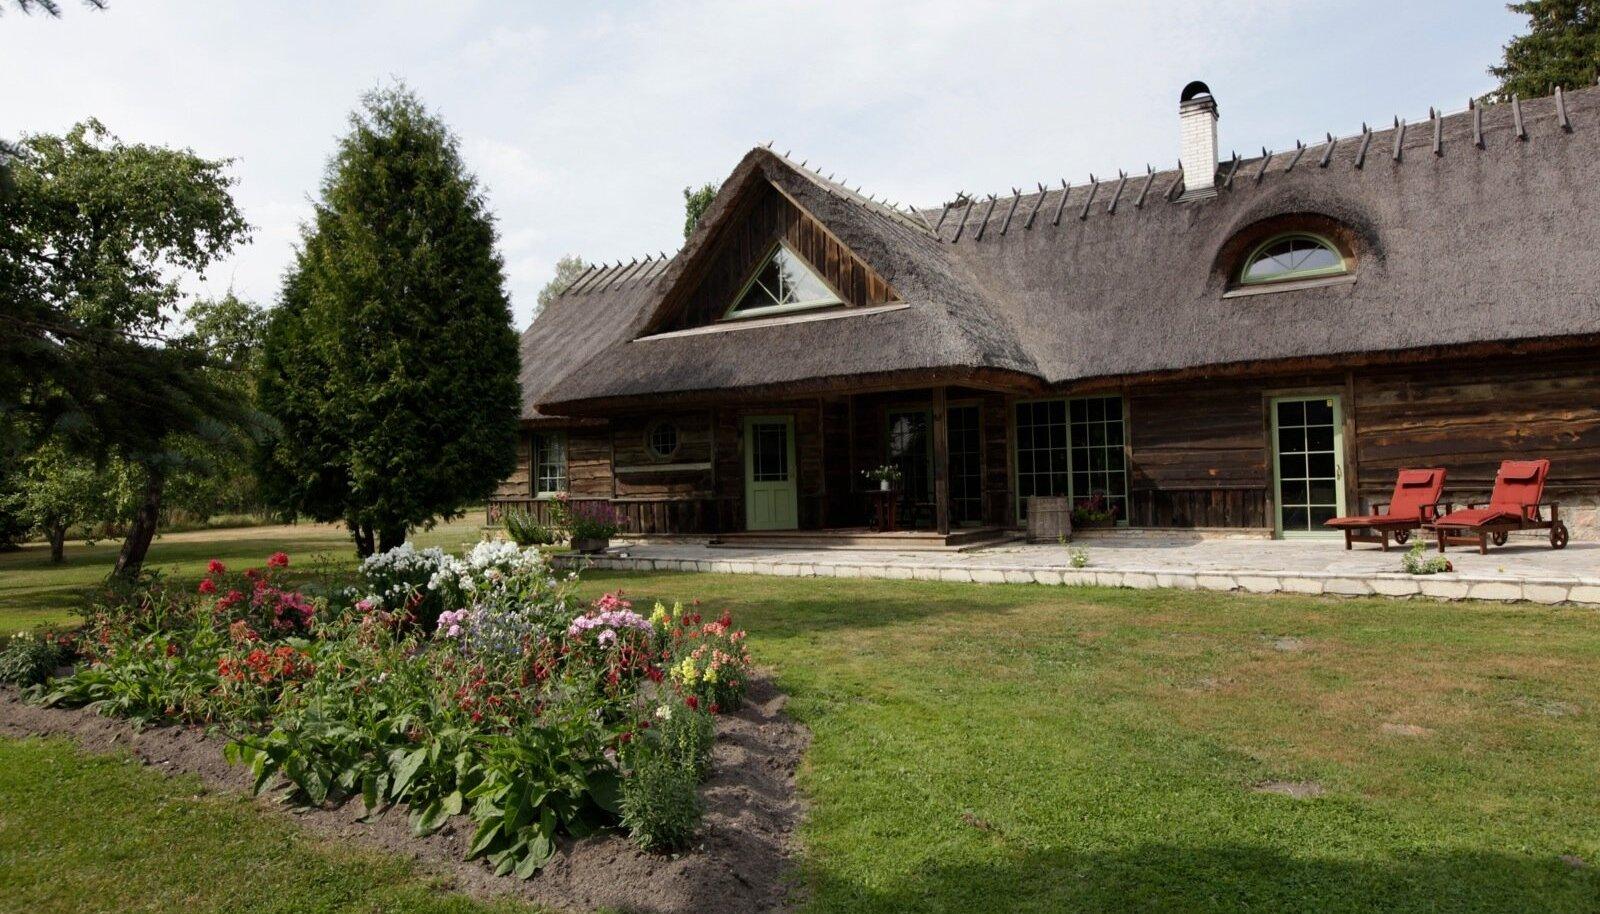 Oleg ja Kristina Epneri Suureküla talu, mis asub Väike-Ahli külas Läänemaal.